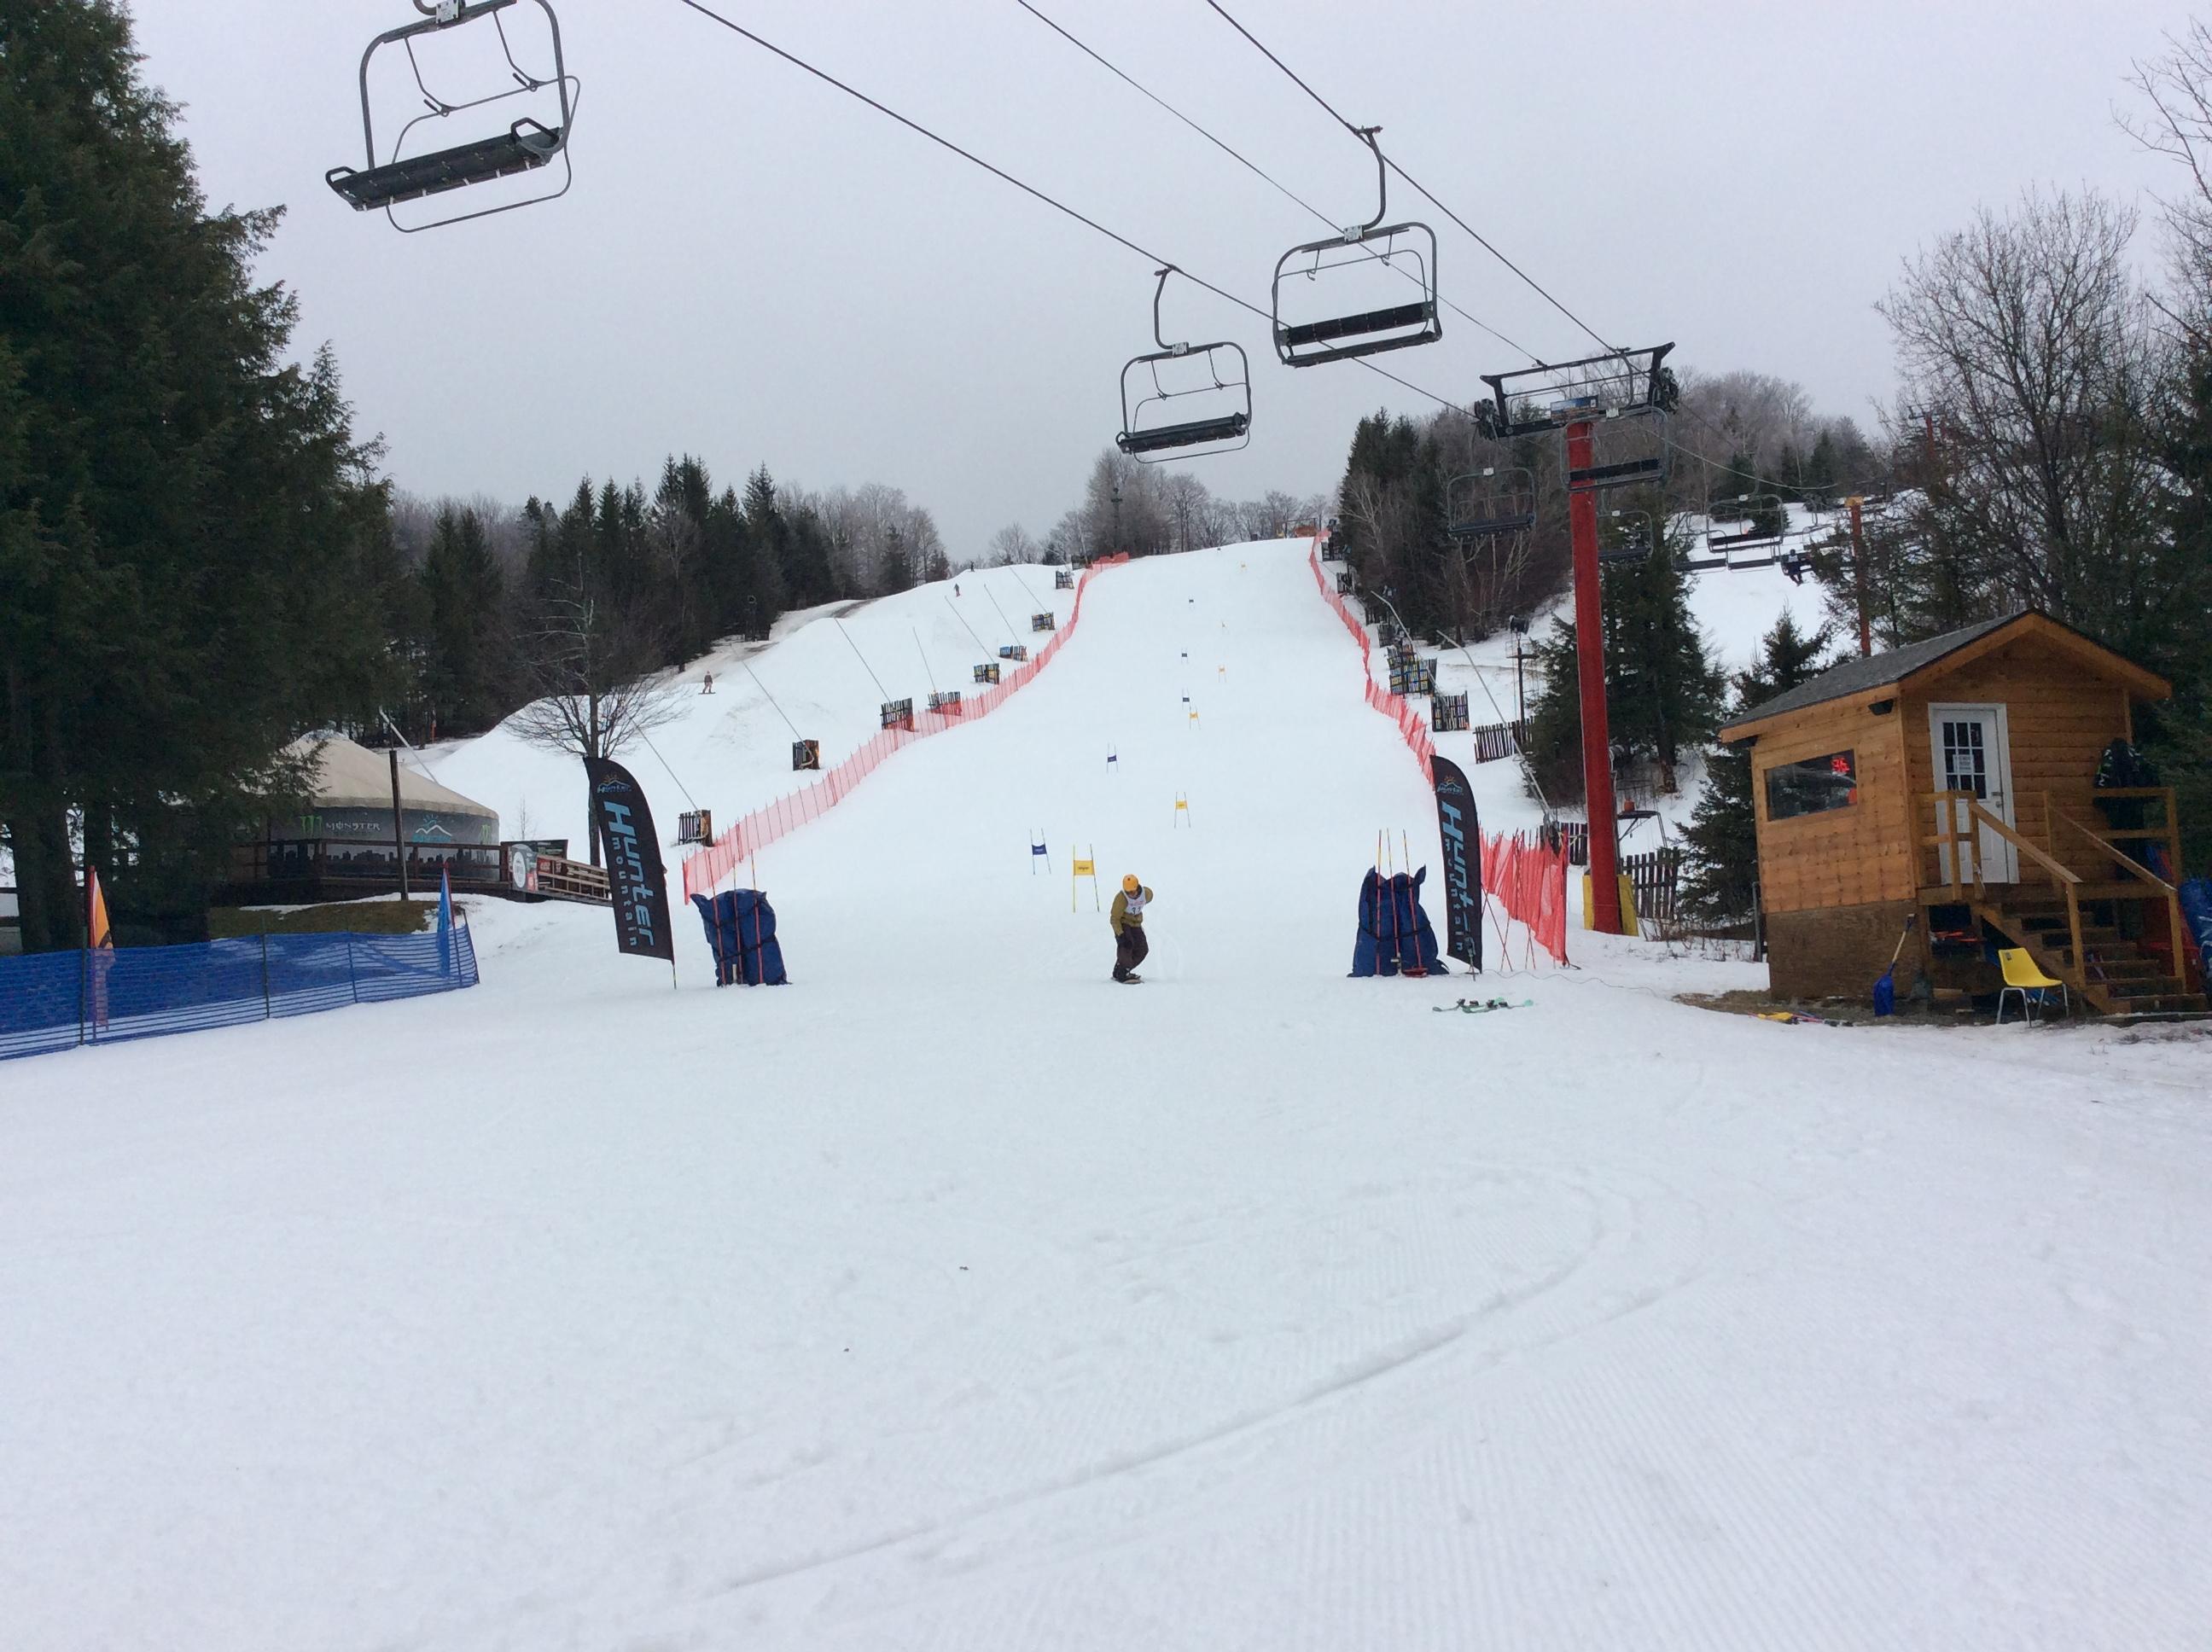 nypd-ski-club_31585146113_o